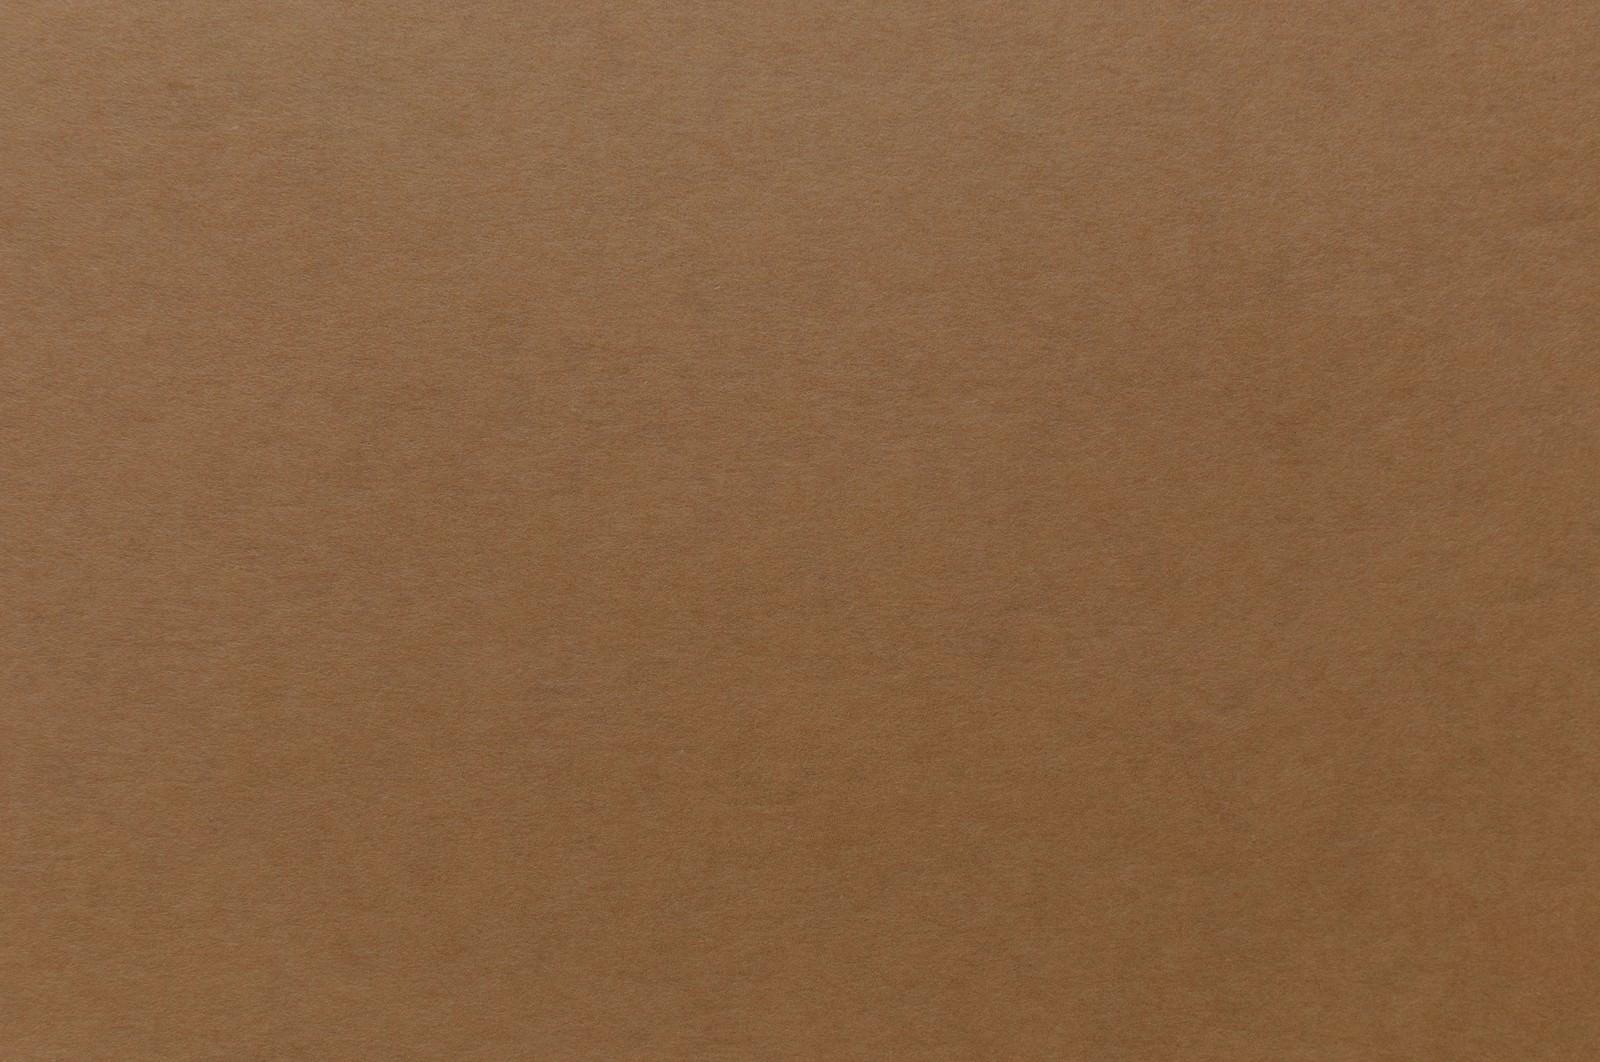 「茶色い紙のテクスチャー」の写真